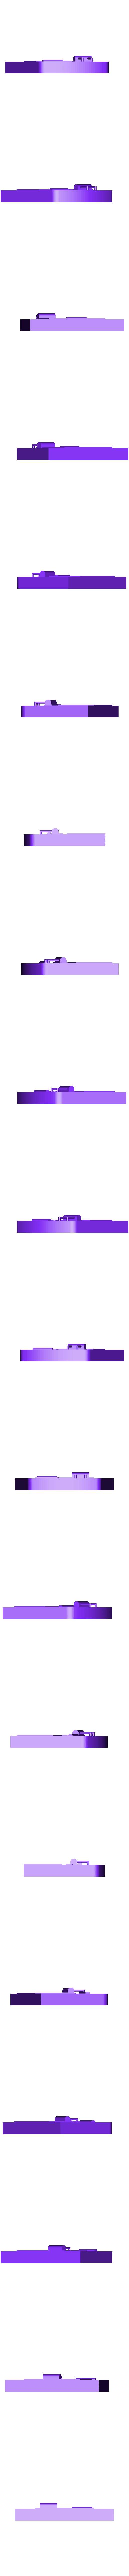 End-Cap.stl Télécharger fichier STL gratuit Planète Express 3030 • Objet à imprimer en 3D, Piggie